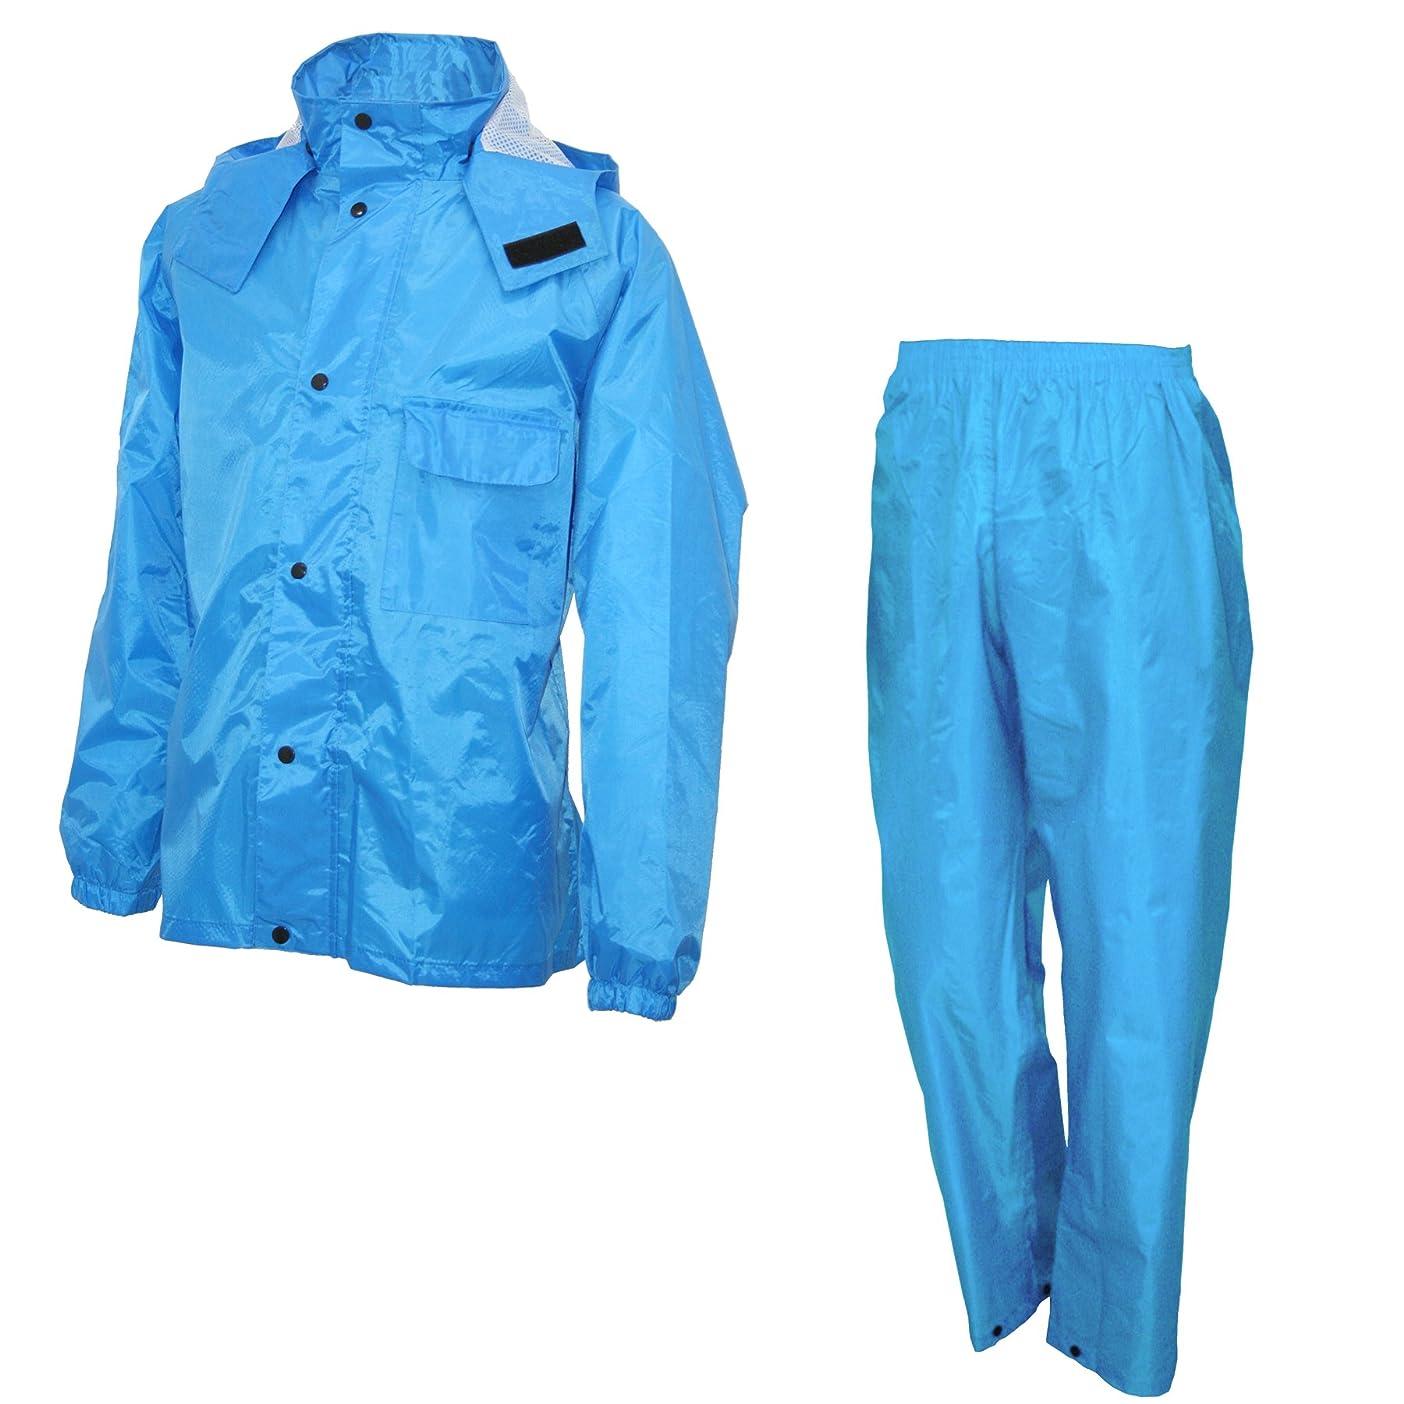 有毒肩をすくめる理解アーヴァン ありがとう 全6色 全5サイズ 上下スーツ ブルー 3L 防水 立体裁断 フード着脱式 #3900